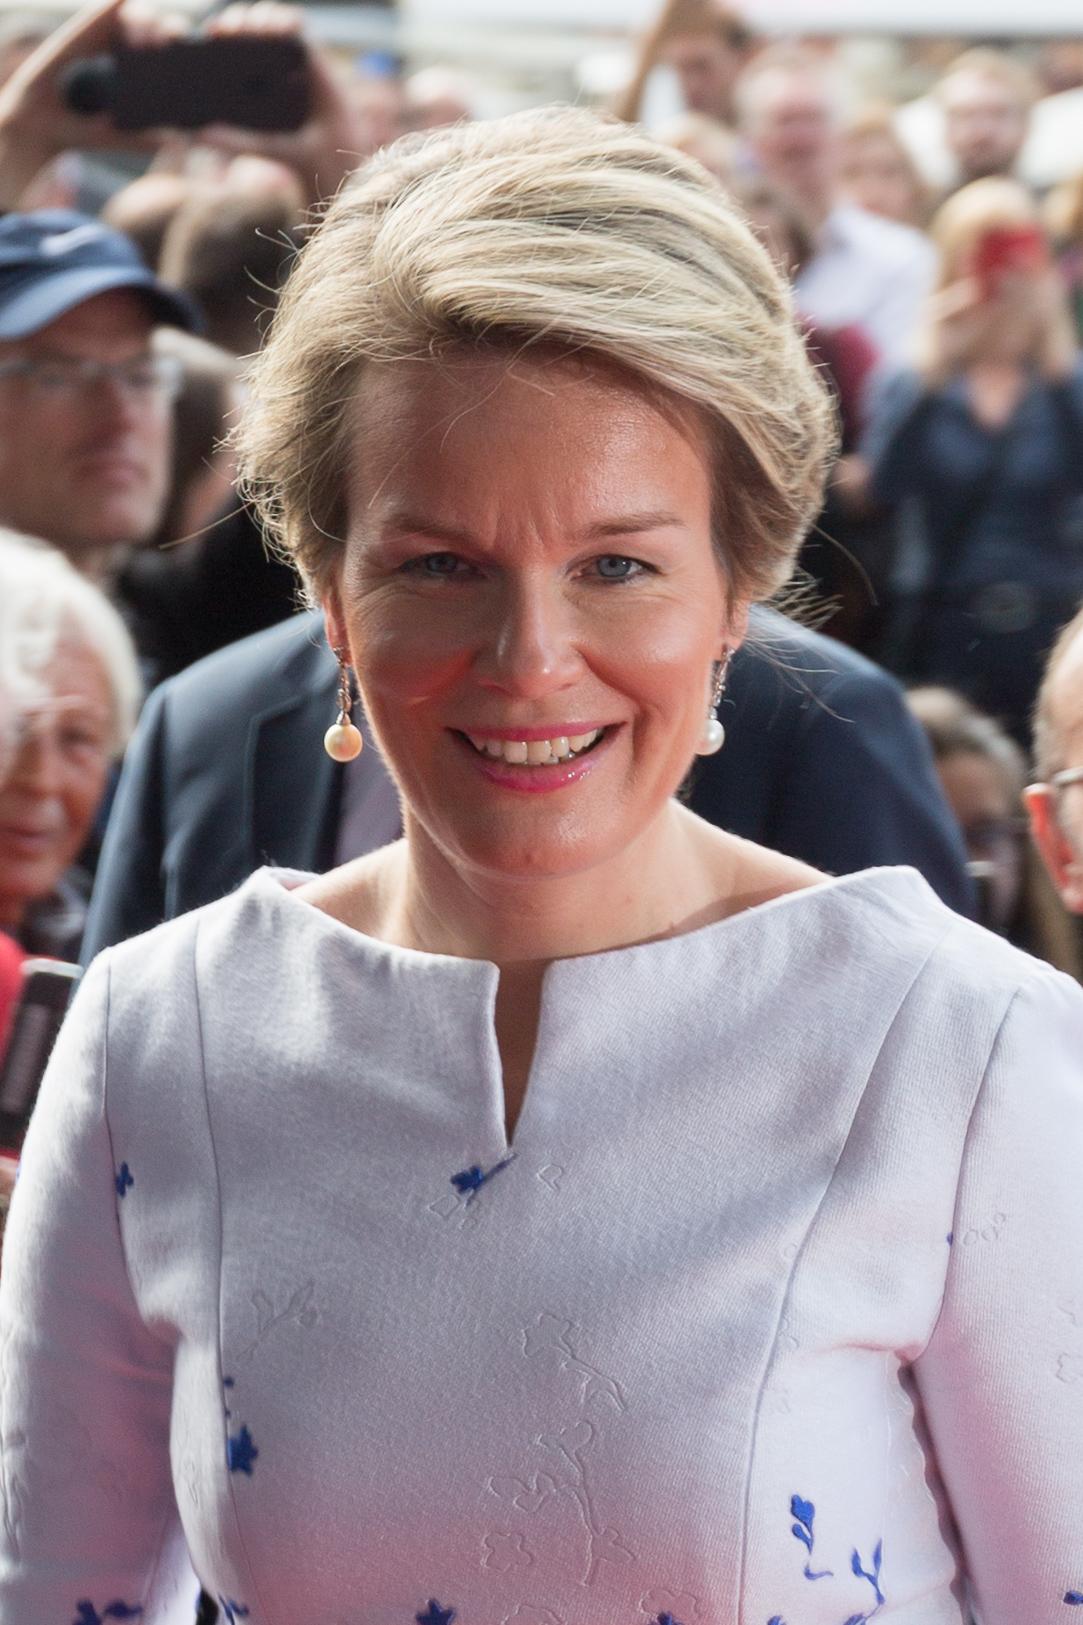 Queen Mathilde of Belgium - Wikipedia a16cac3d2